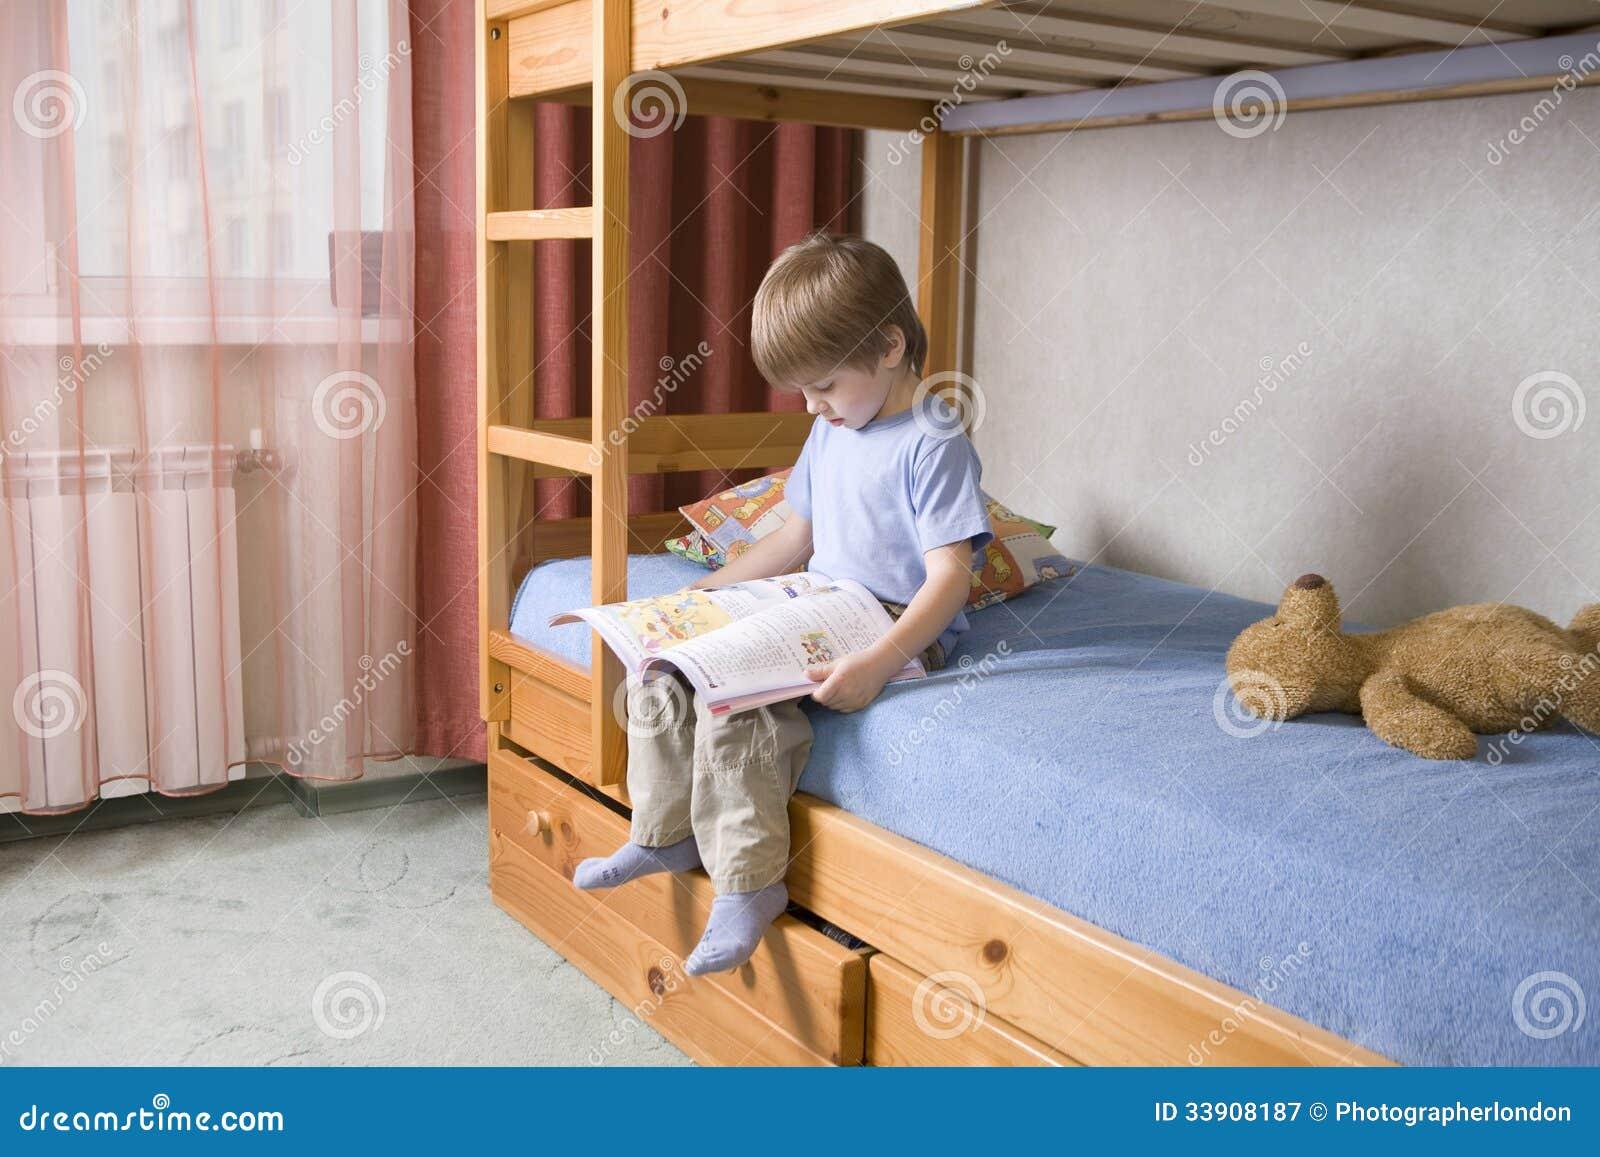 Etagenbett Jungen : Jungen lesebuch auf etagenbett stockbild bild von messwert bett